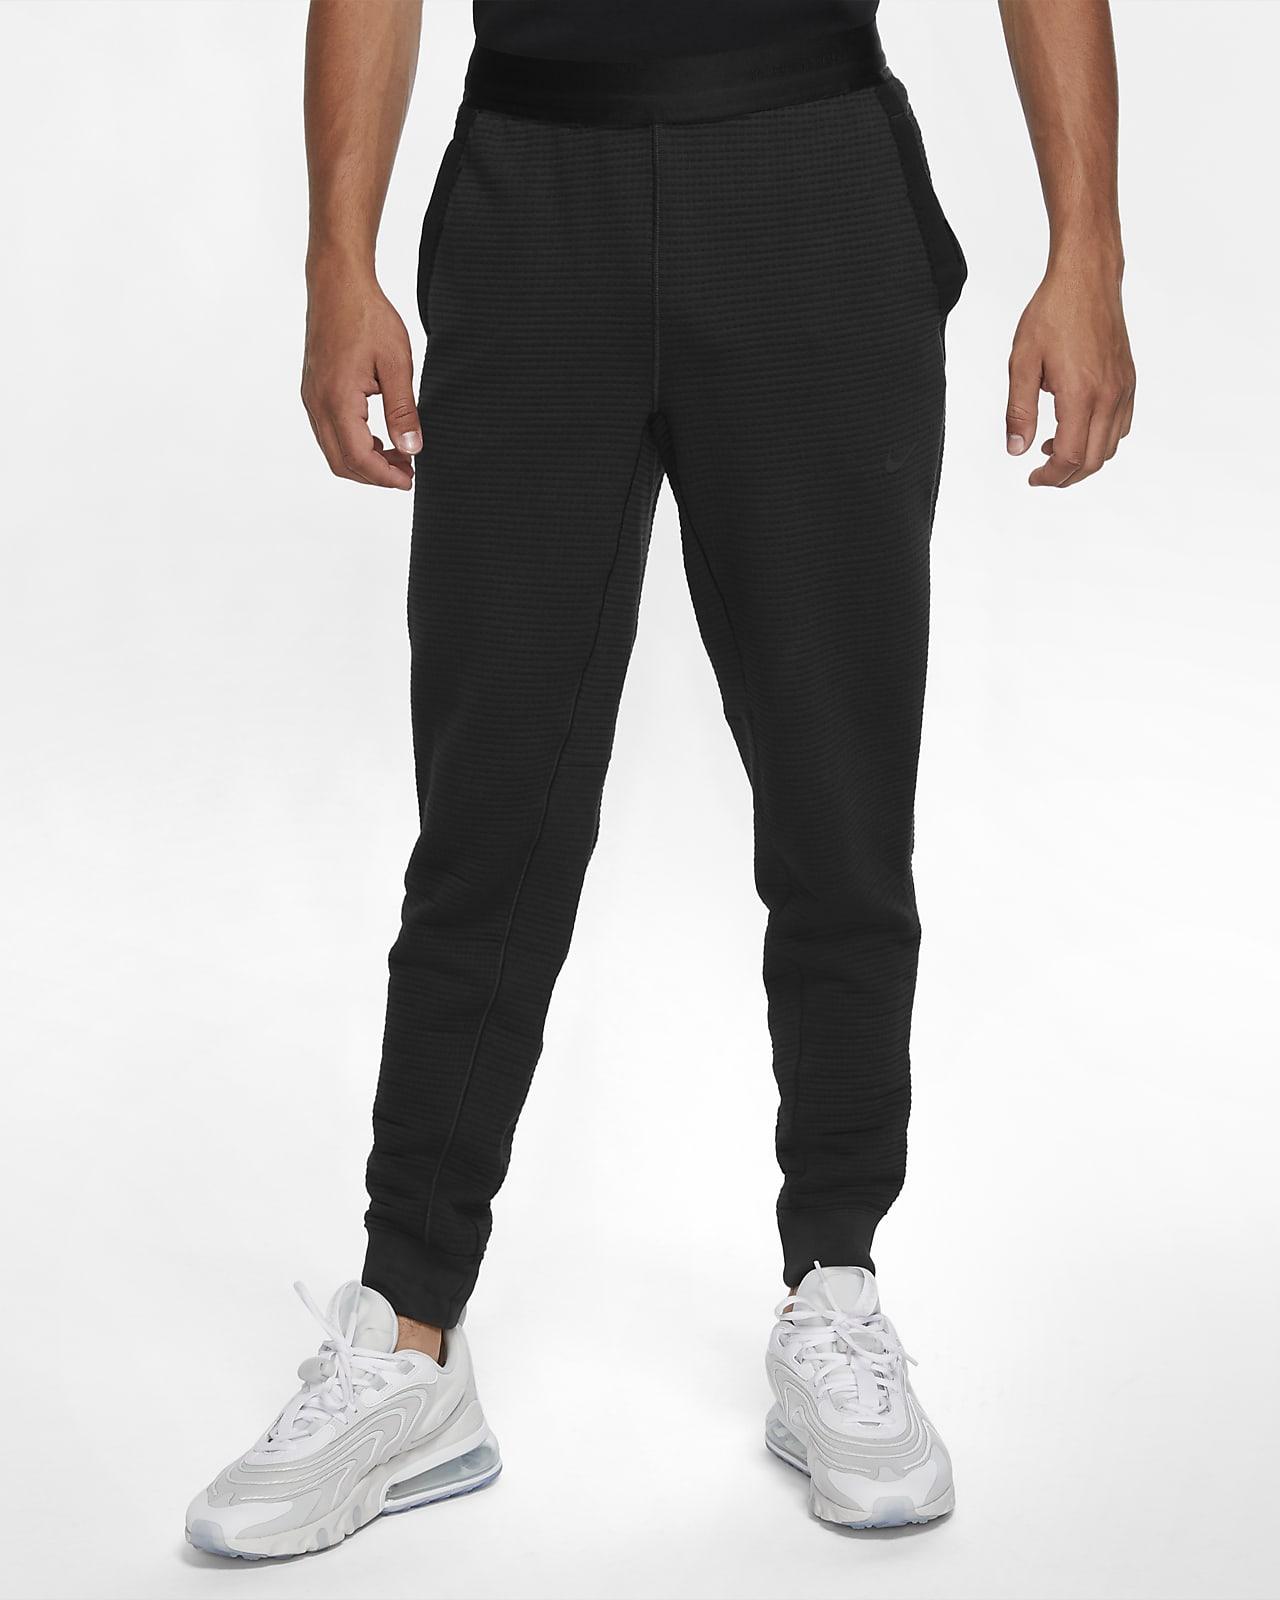 Nike Sportswear Tech Pack Men's Engineered Trousers